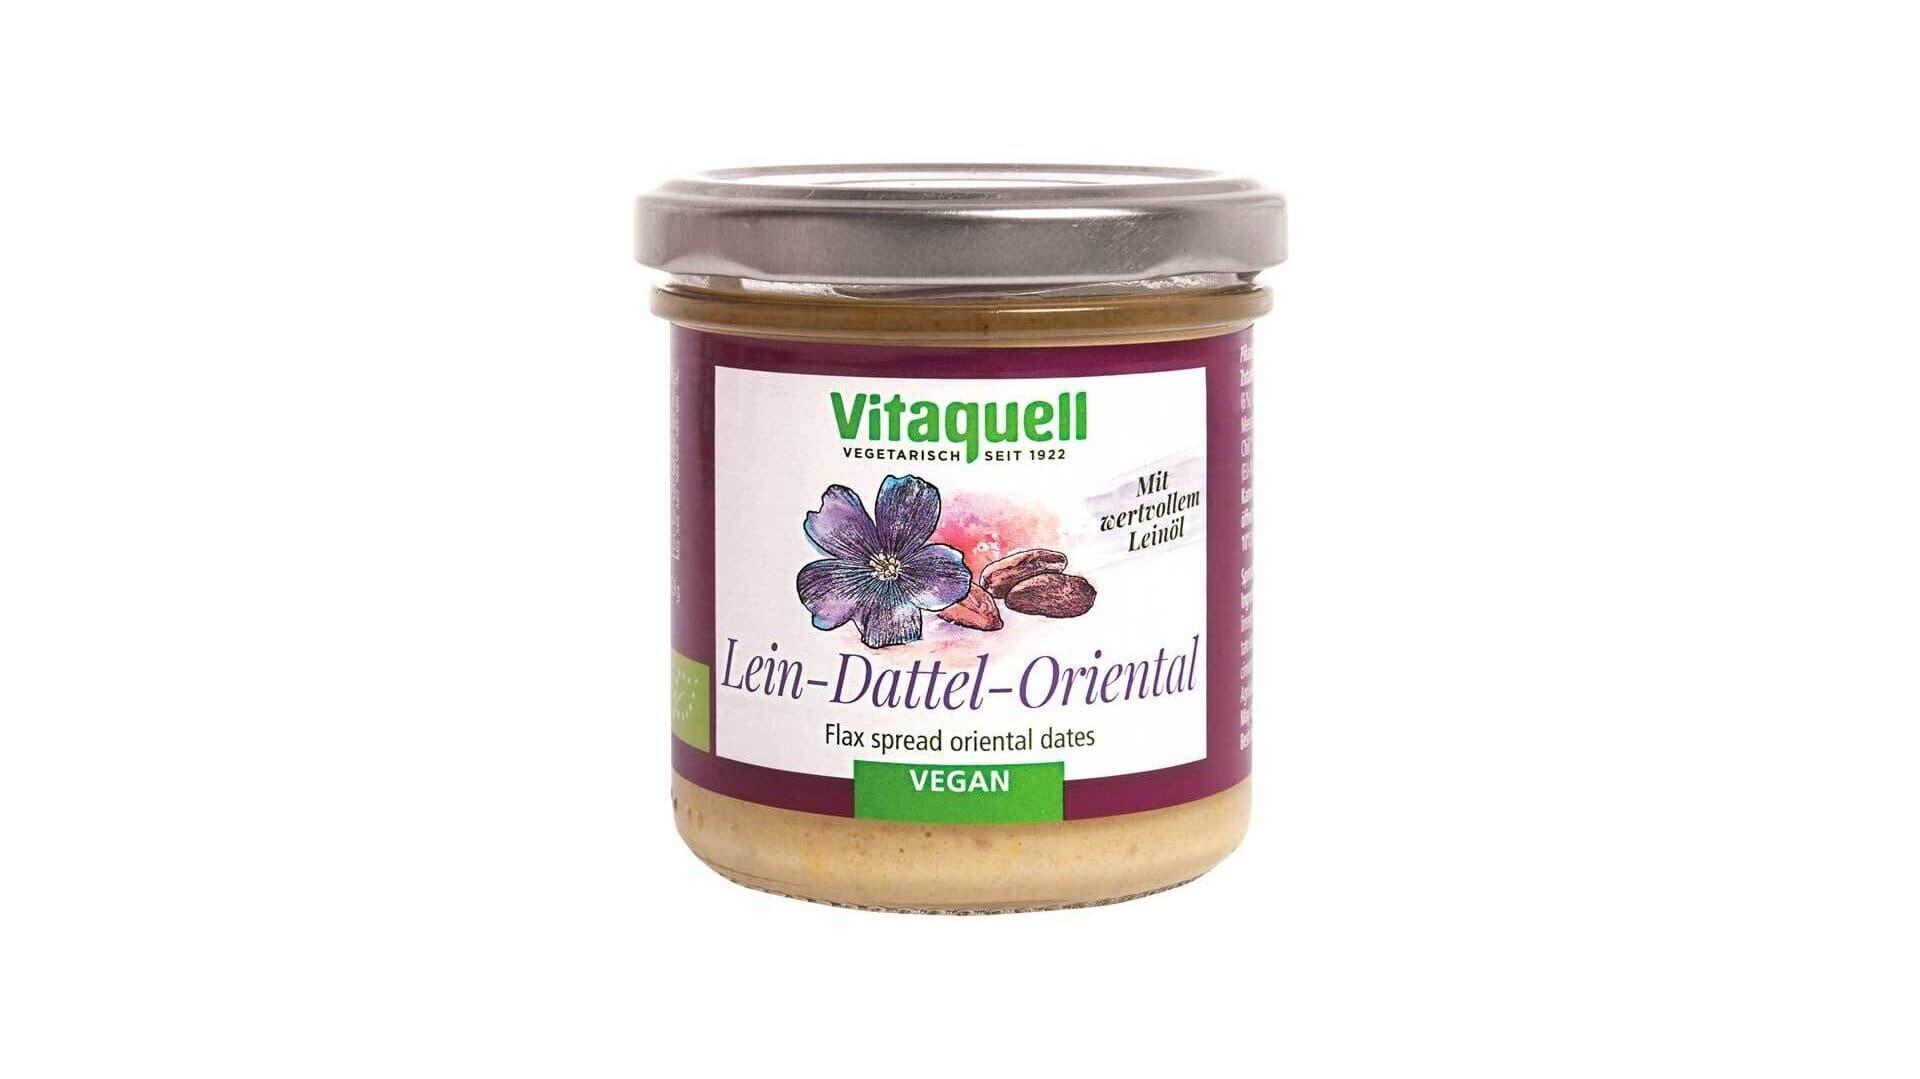 Vitaquell Lein-Dattel-Oriental